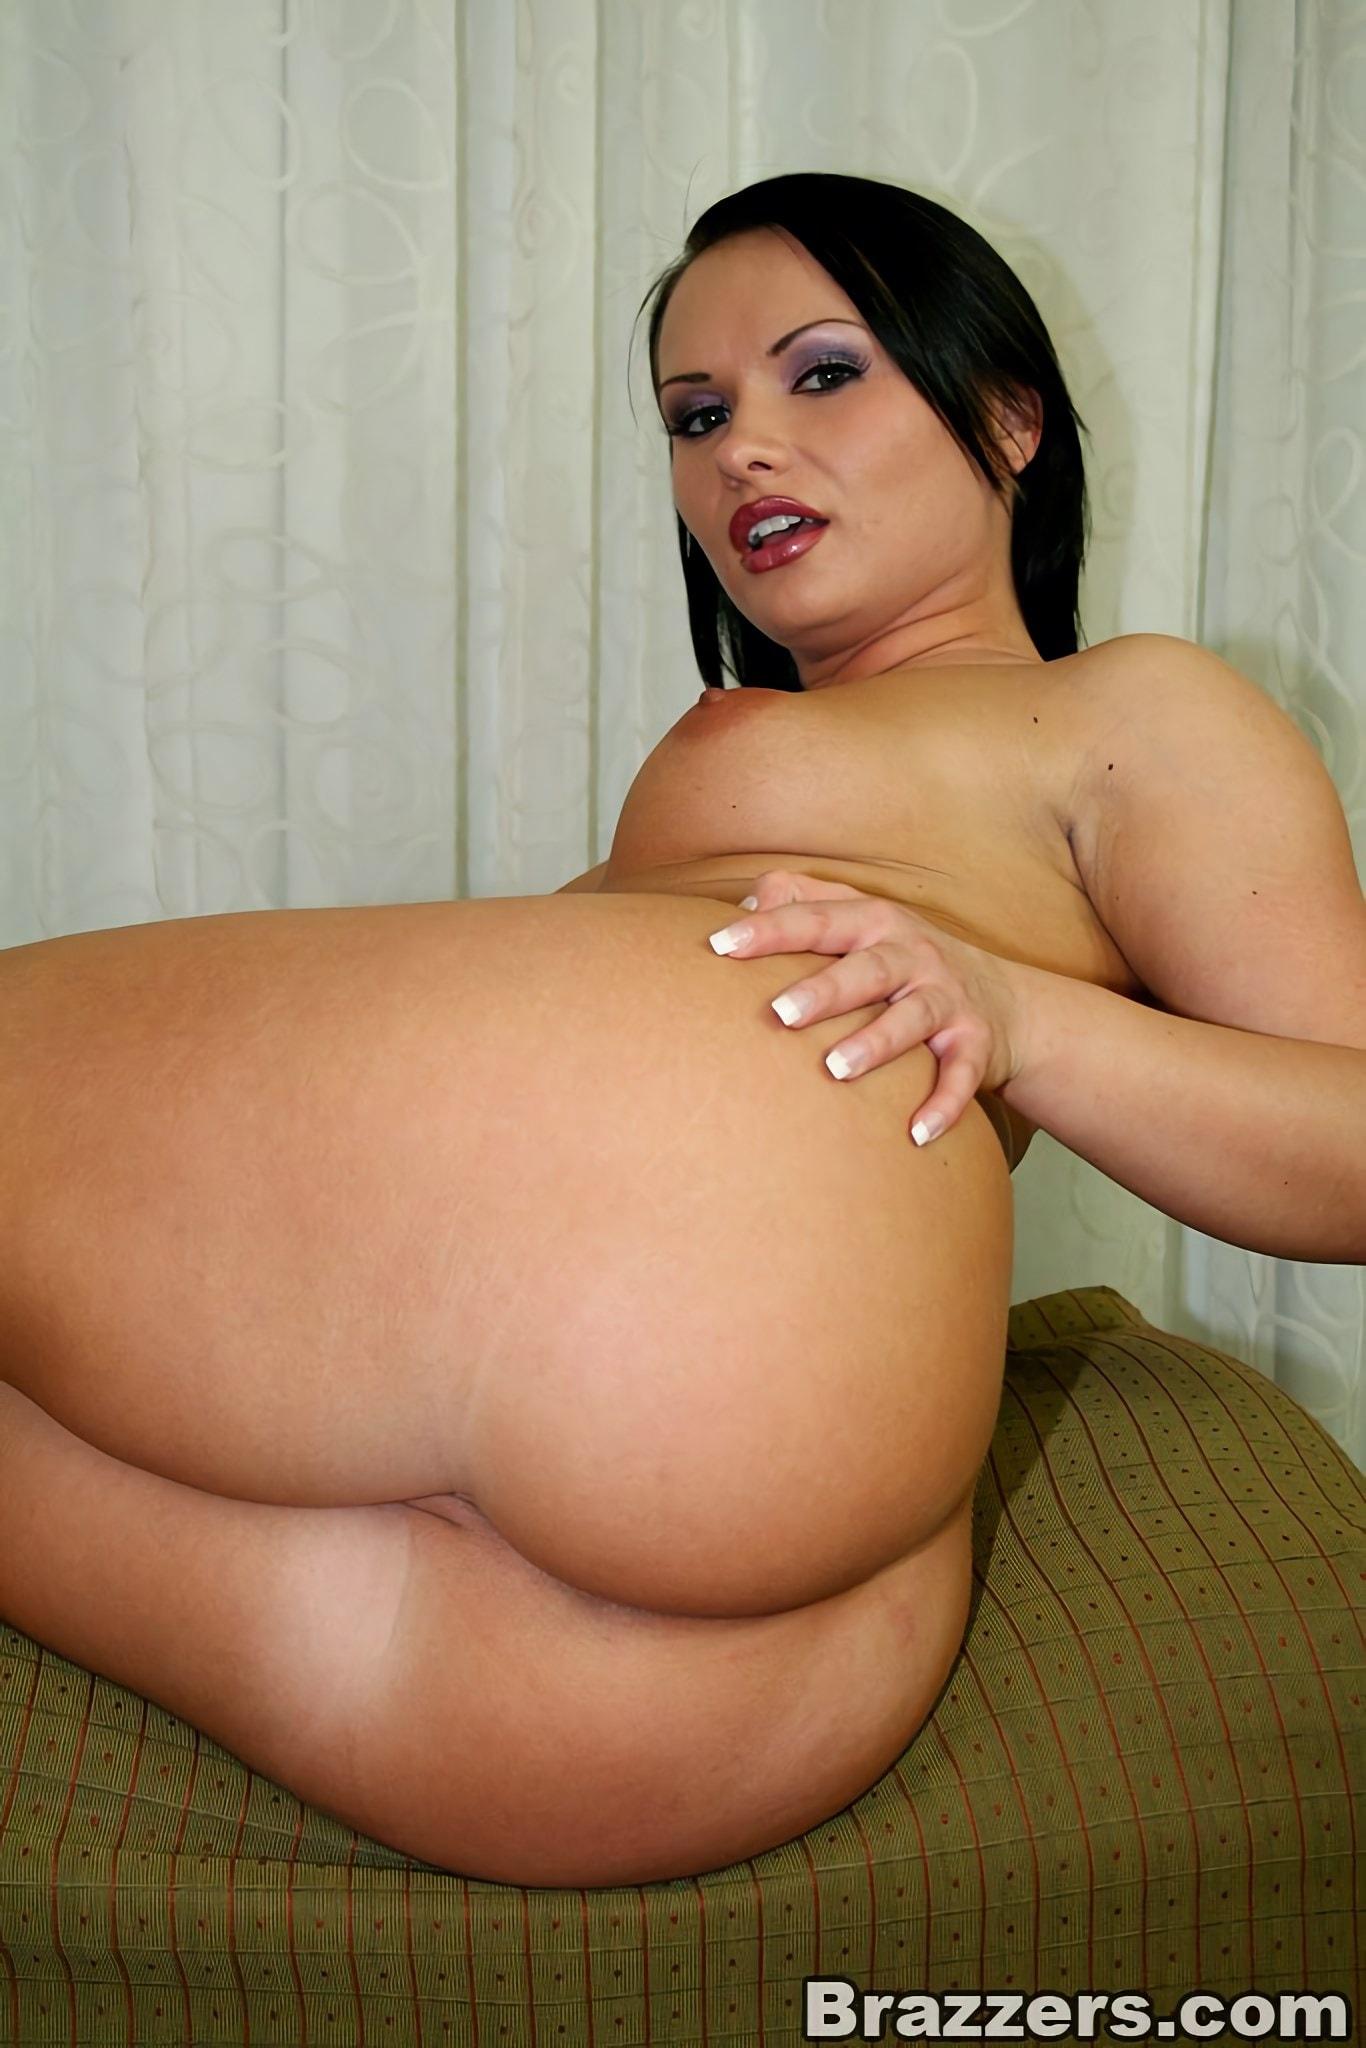 Brazzers 'Sexy Katja loving anal' starring Katja Kassin (Photo 6)